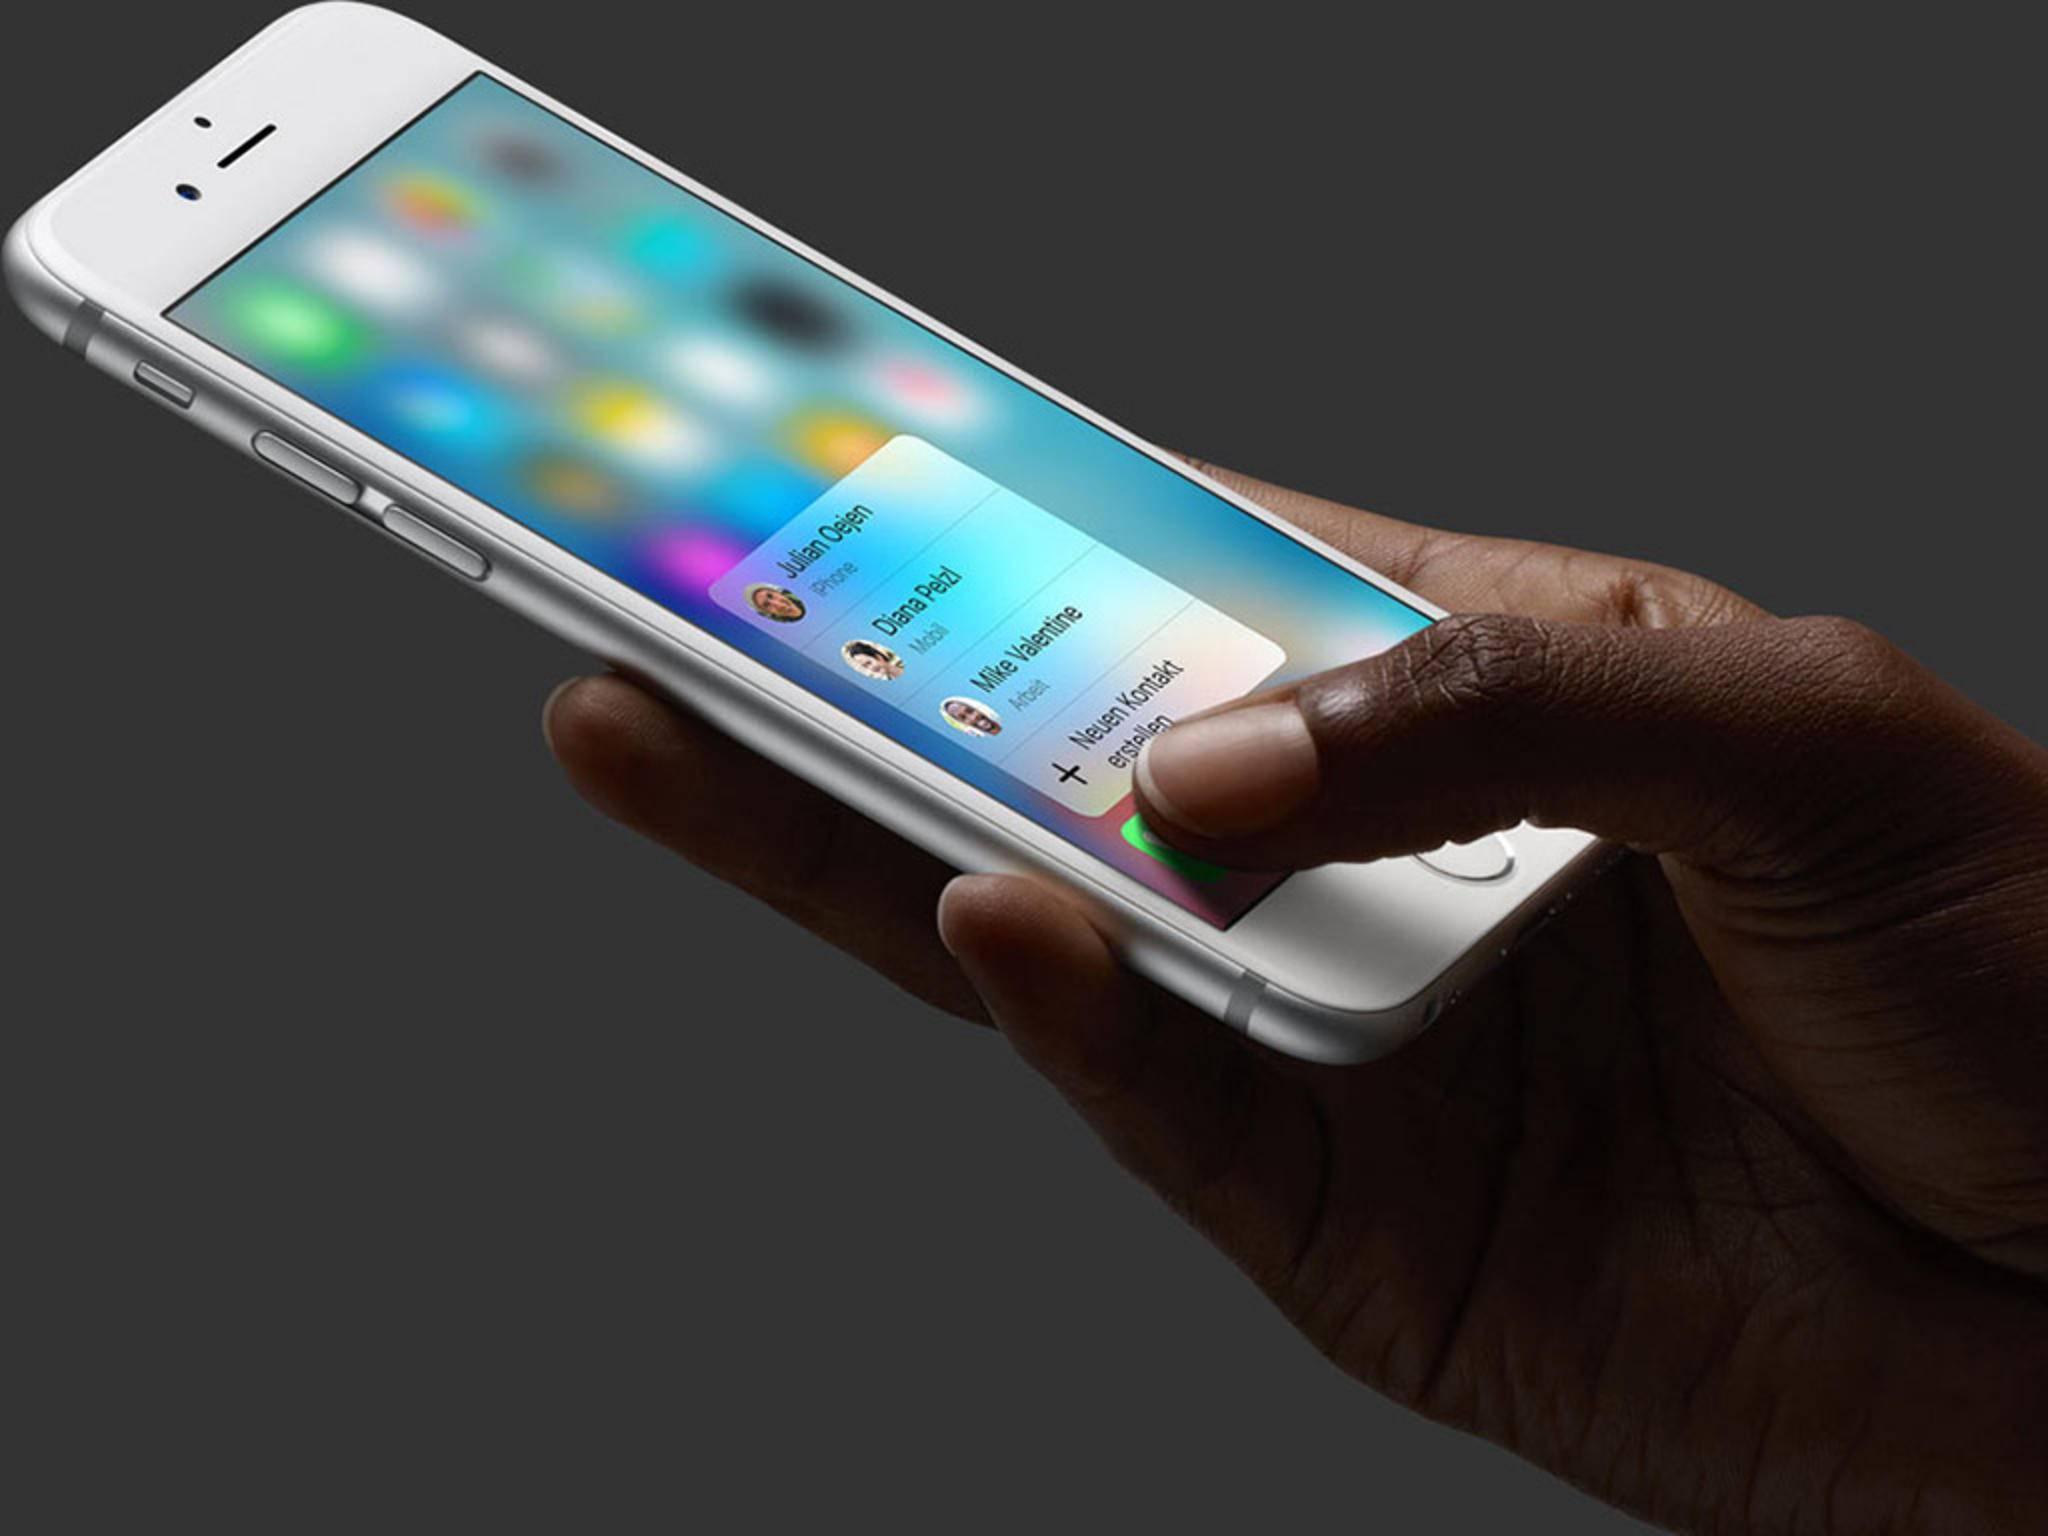 Touch ID auf dem iPhone macht offenbar unter iOS 9.1 Probleme.